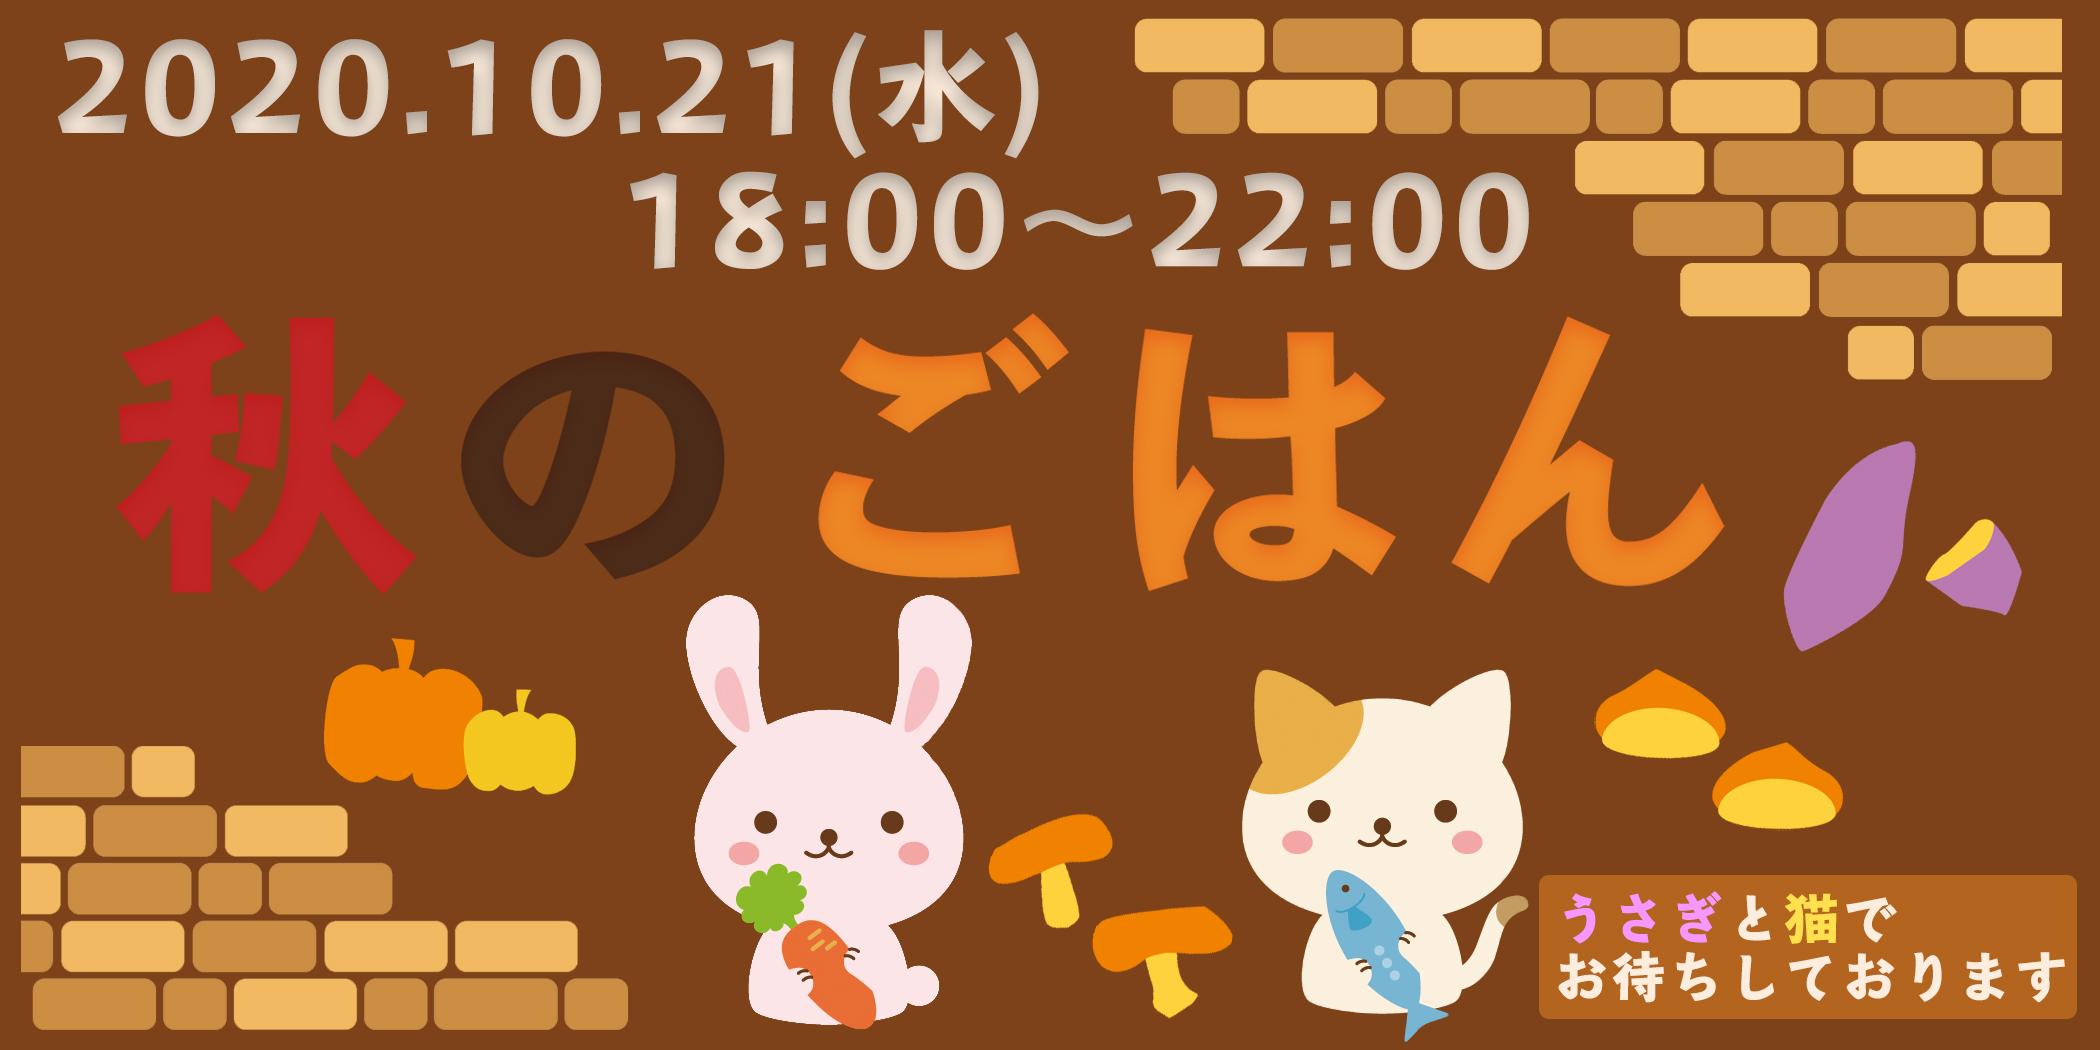 猫さんとうさぎさんの秋の味覚イベント